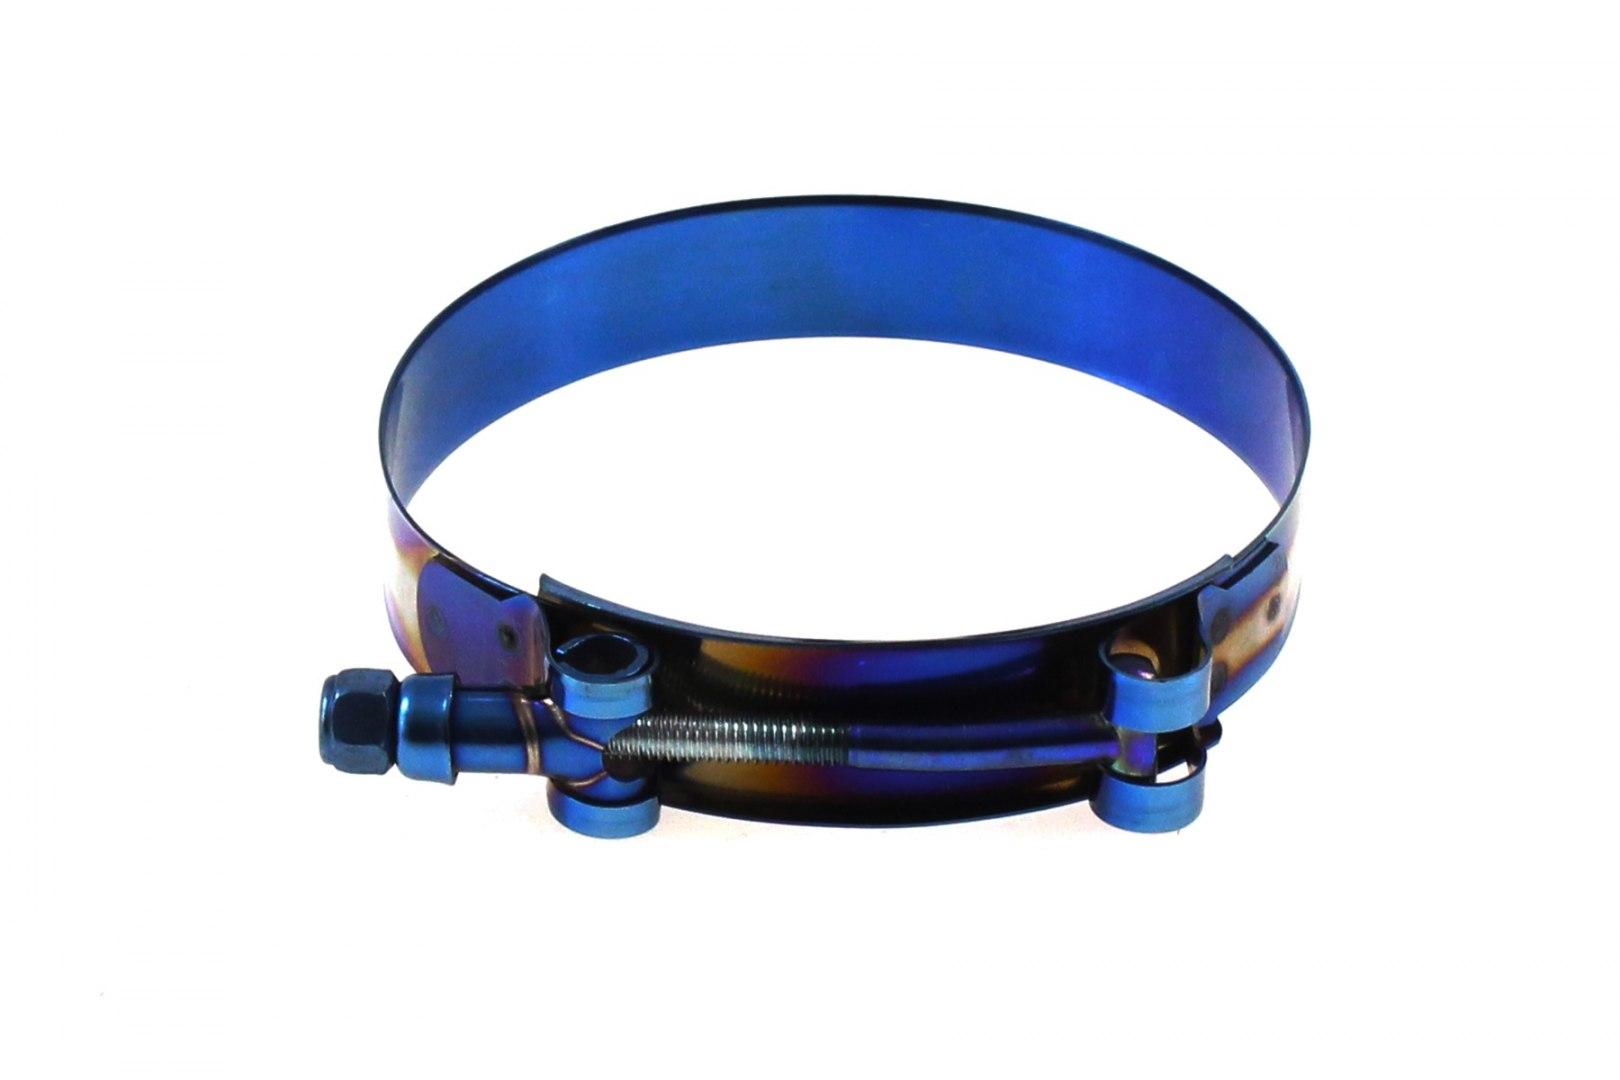 Opaska zaciskowa TurboWorks 72-80mm T-Clamp - GRUBYGARAGE - Sklep Tuningowy